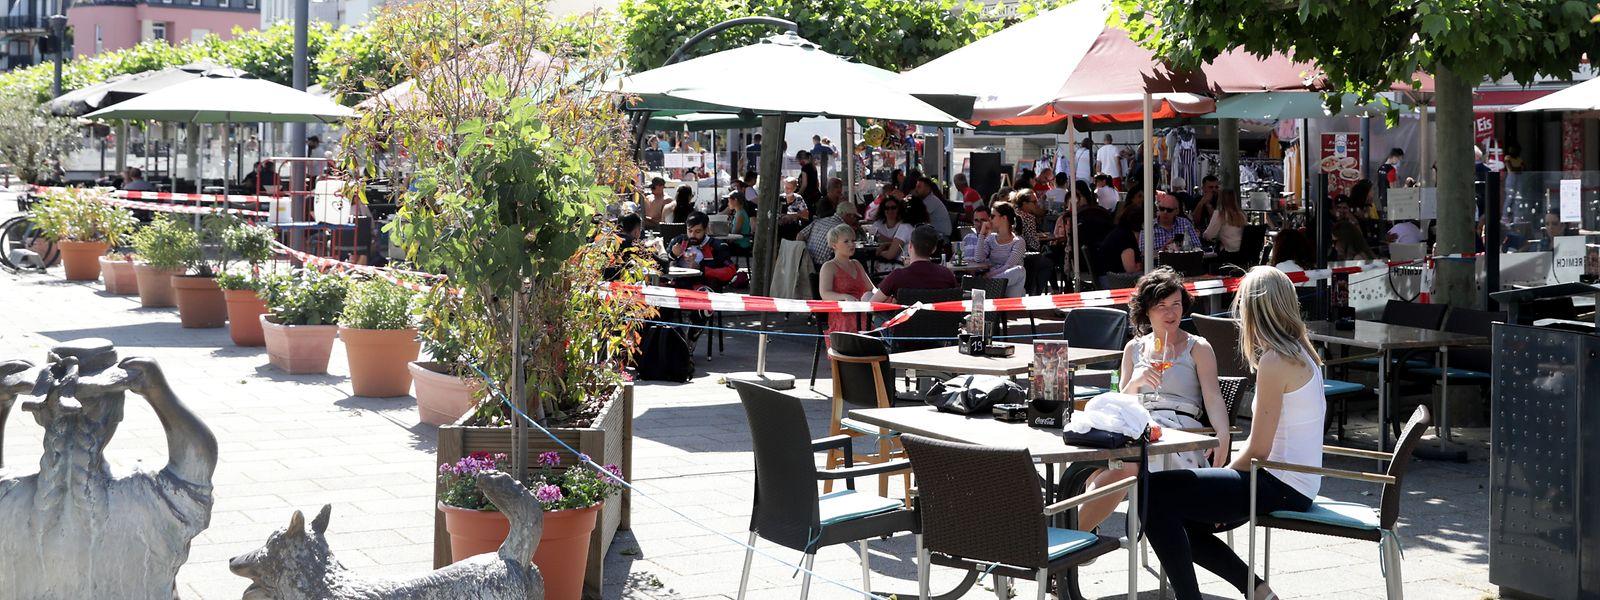 La Commission européenne n'a rien eu à redire sur le régime d'aides proposé exceptionnellement pour soutenir le secteur du tourisme et des bars-restaurants.